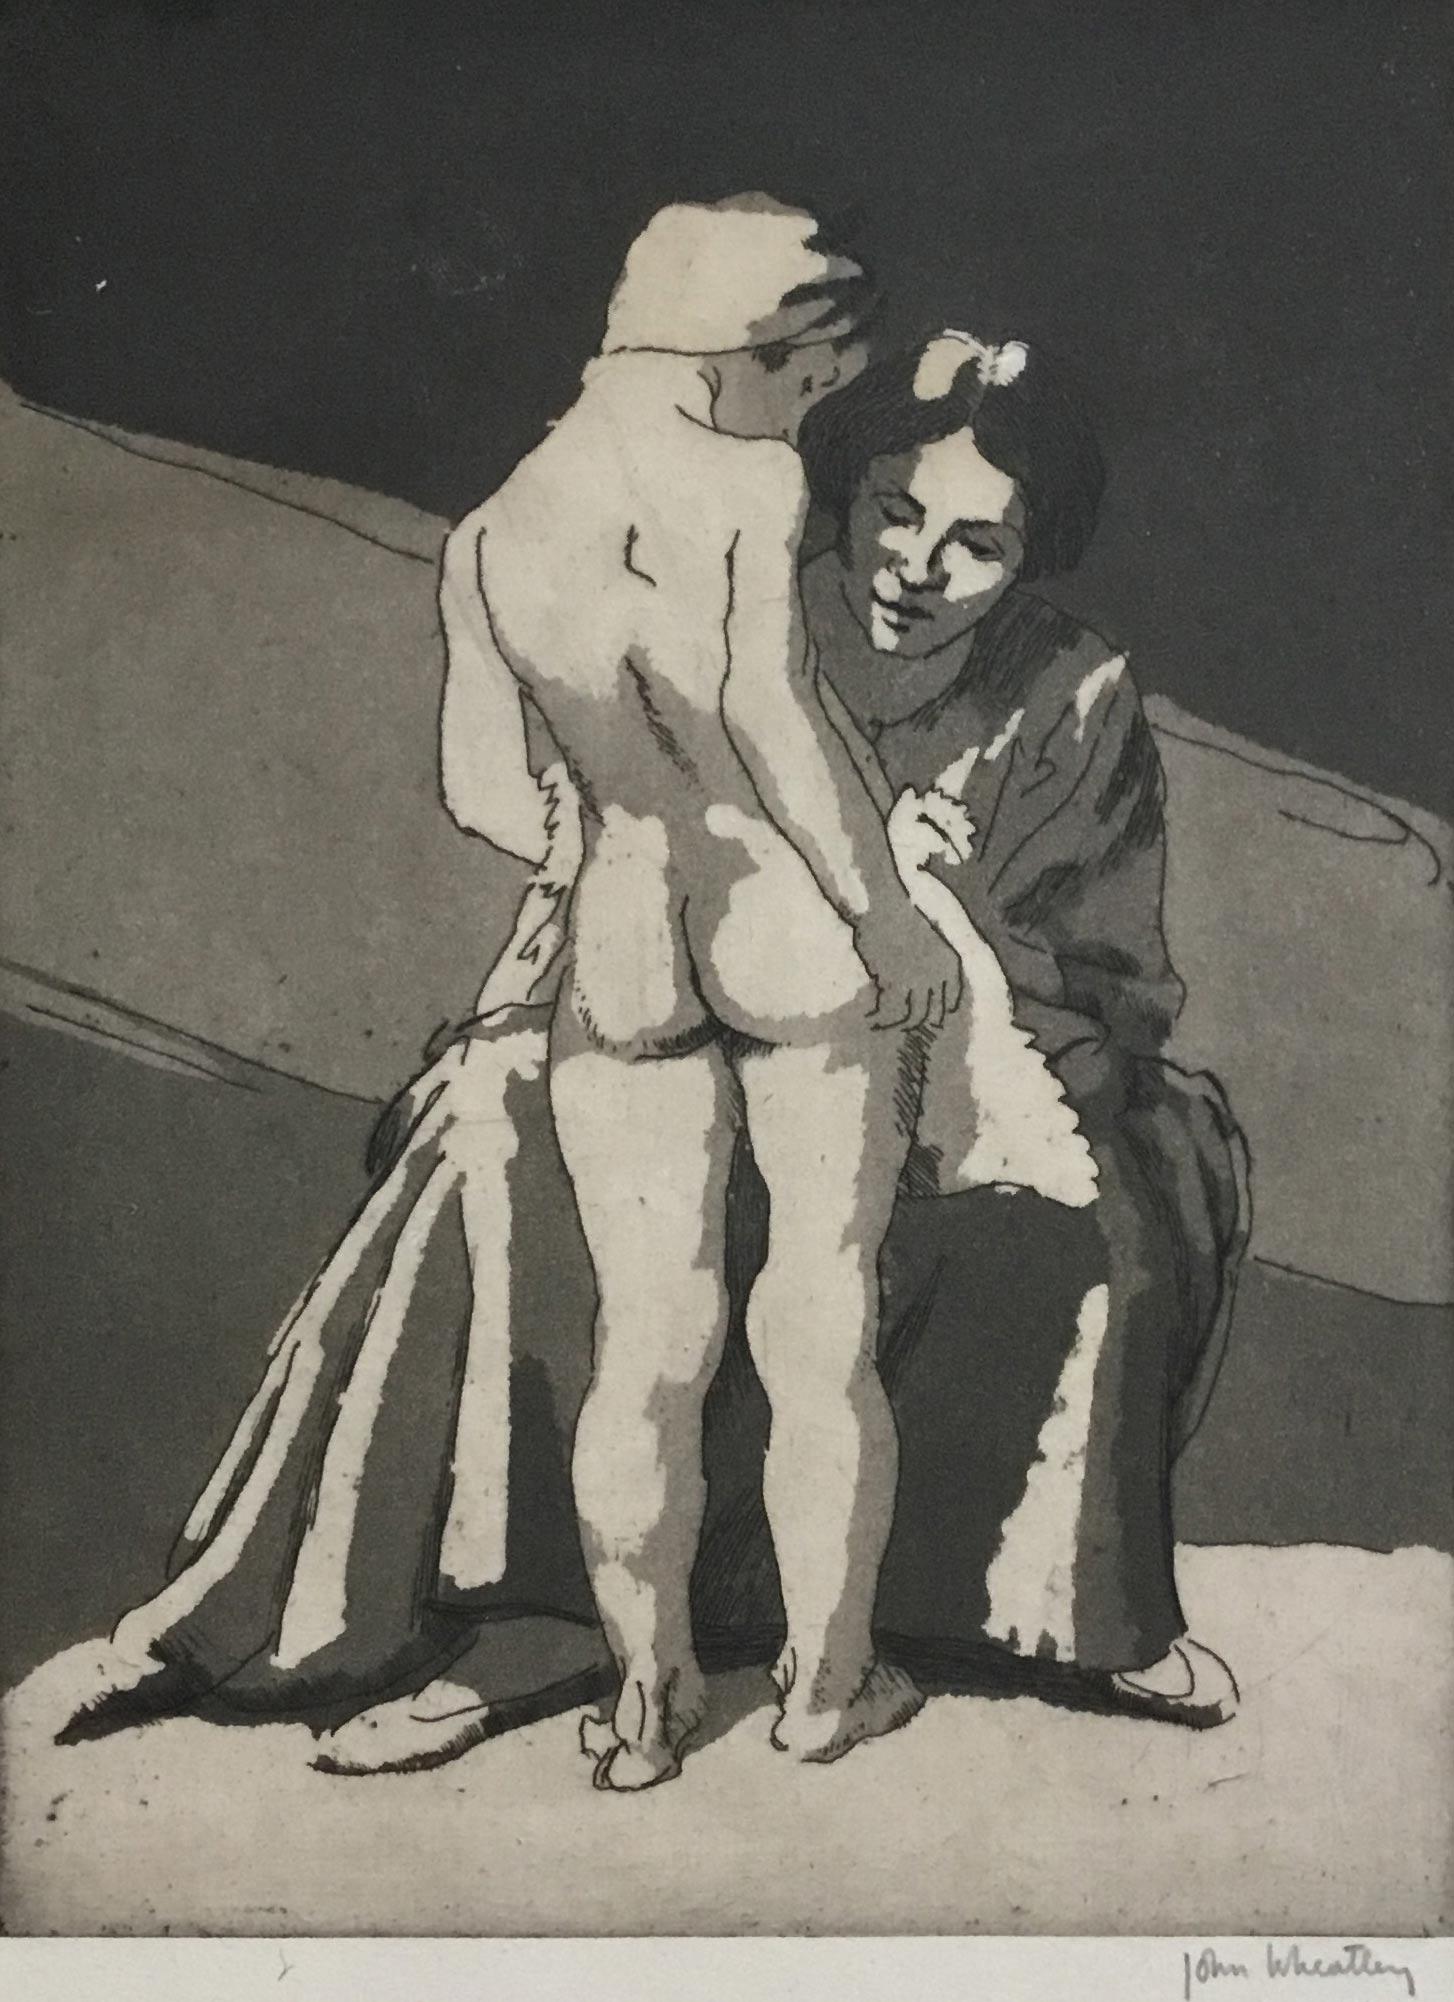 JOHN LAVIERS WHEATLEY (1892 - 1956)